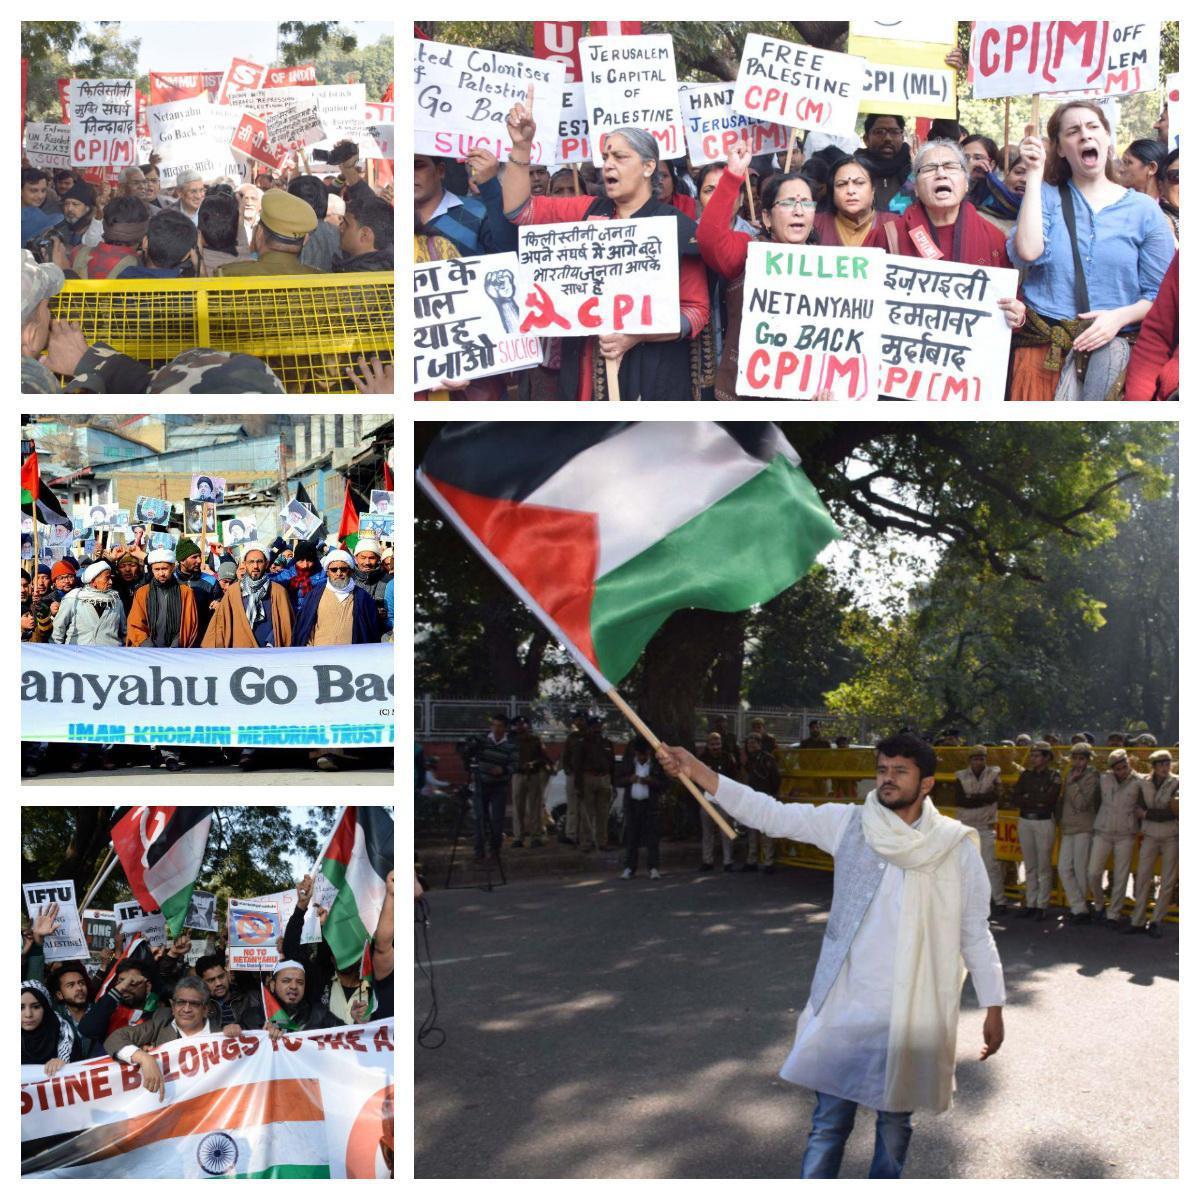 تظاهرات عليه سفر نتانياهو به هند/ پیام مردم هند: به خانه ات برگرد